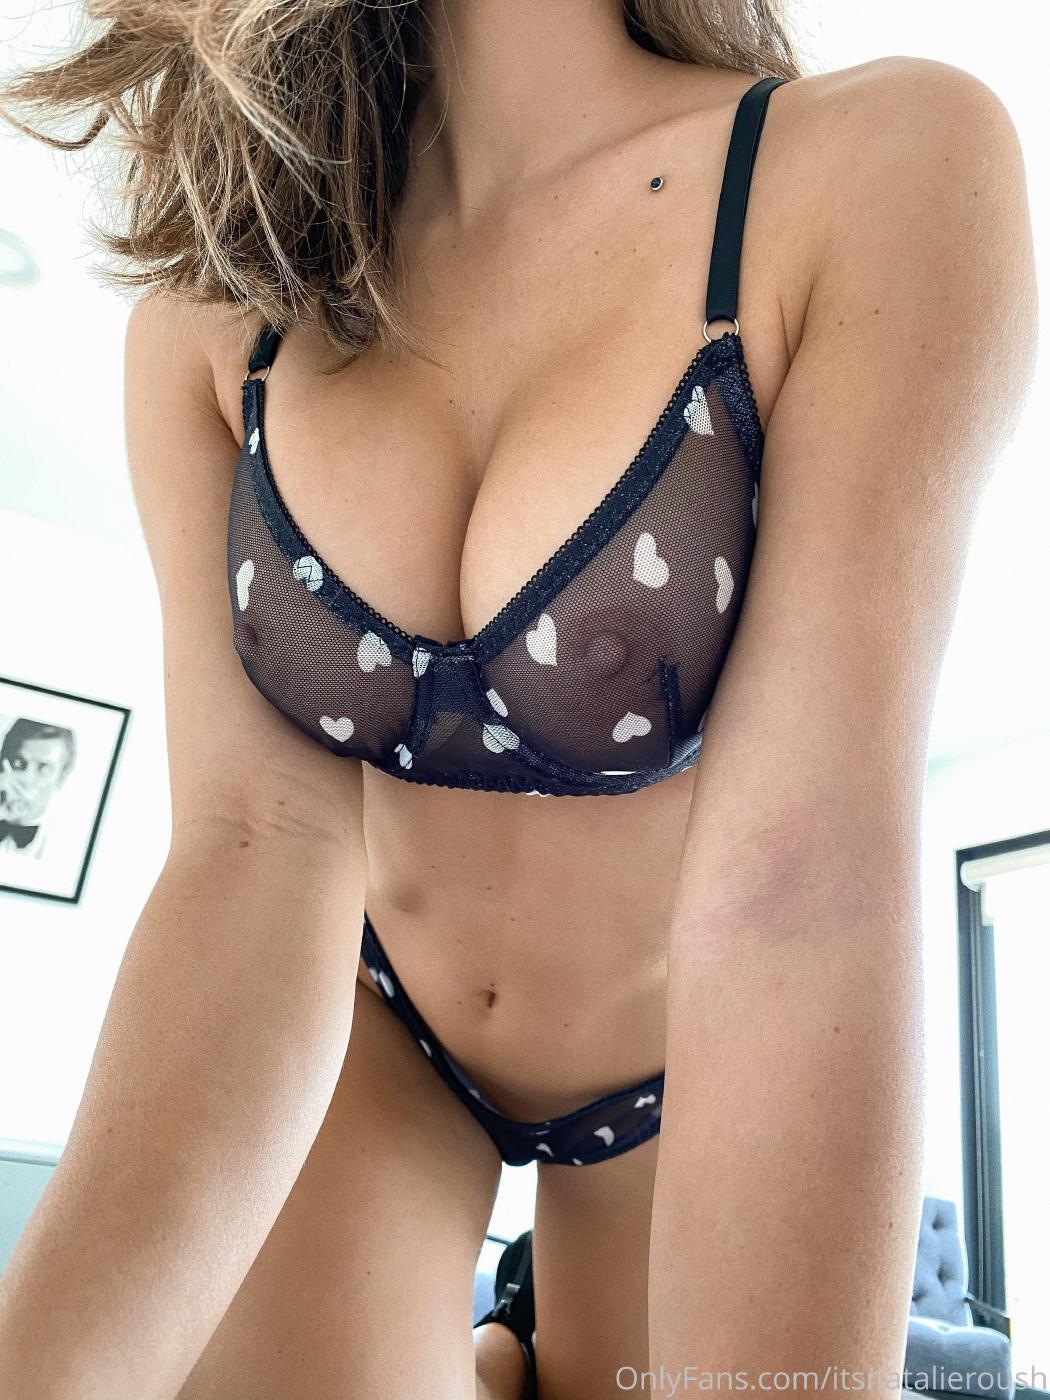 Natalie Roush Black Sheer Lingerie Onlyfans Set Leaked Qabwrg